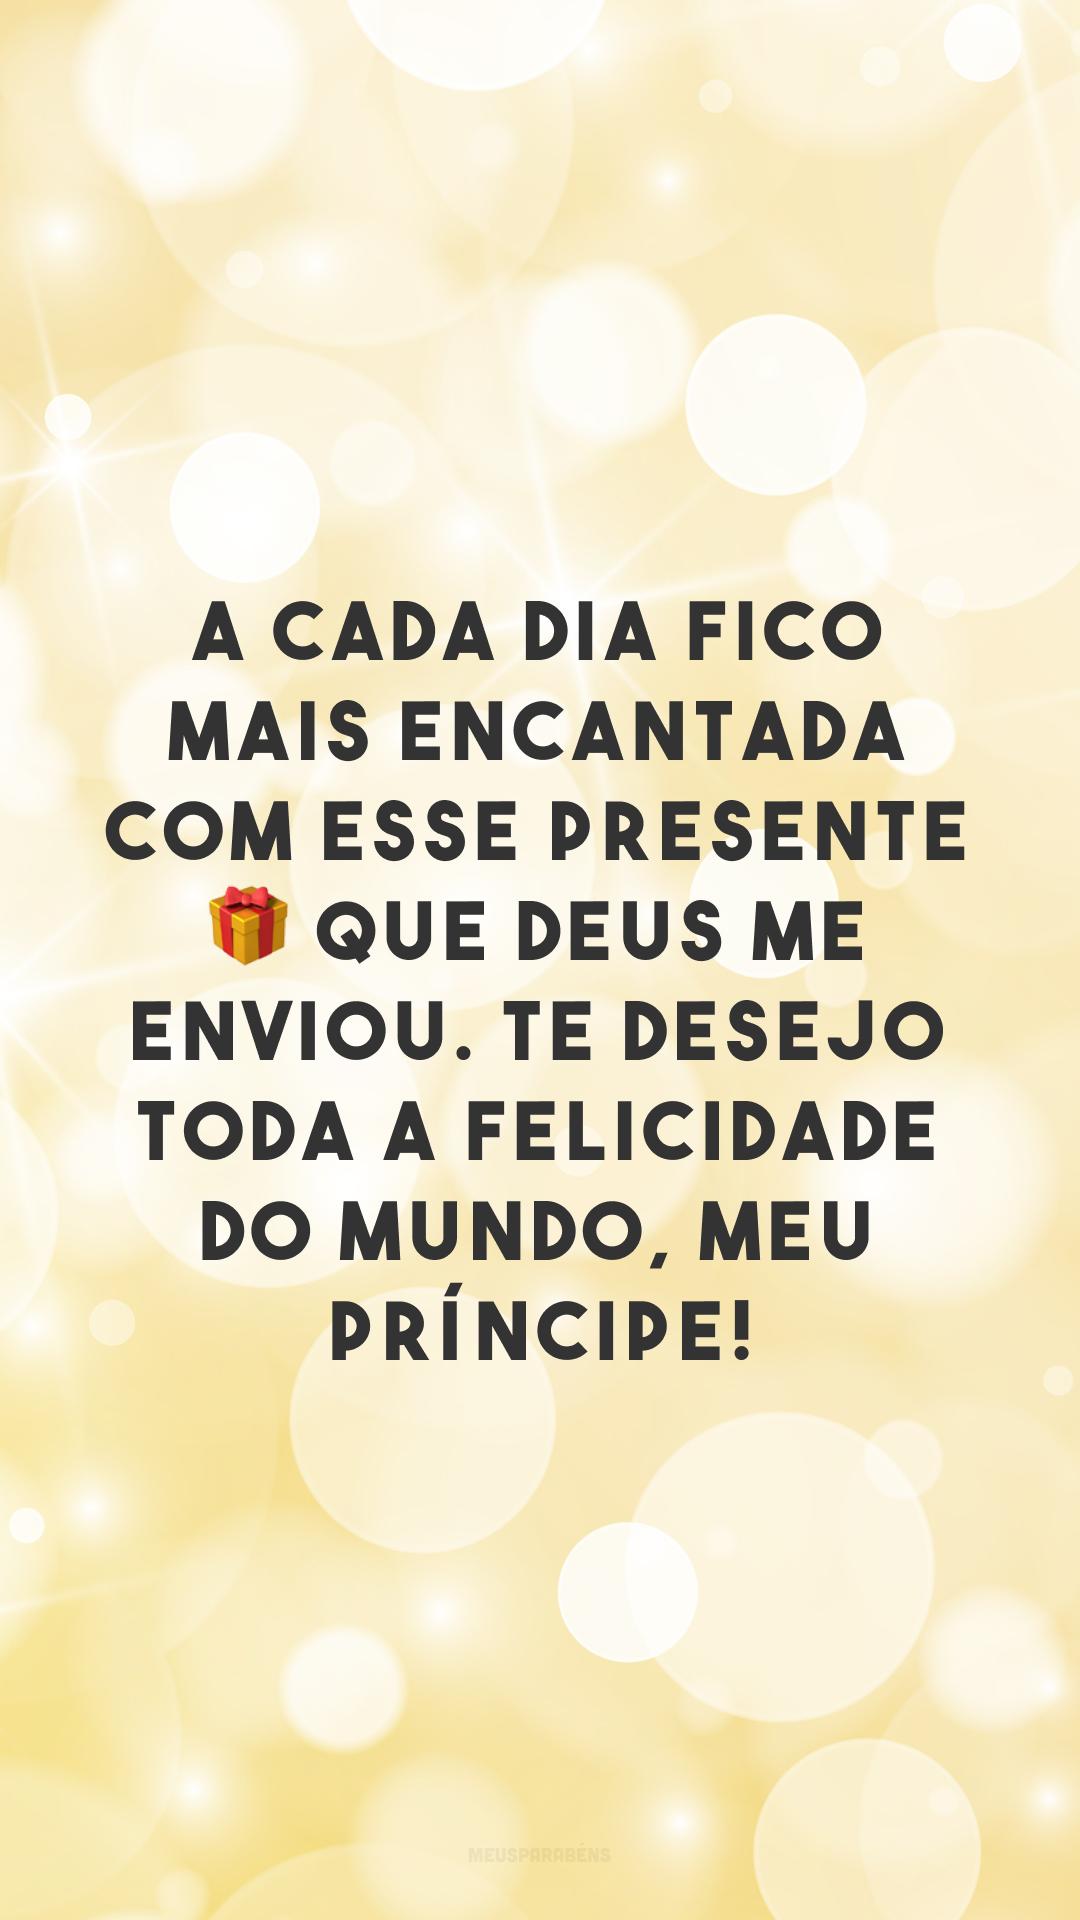 A cada dia fico mais encantada com esse presente 🎁 que Deus me enviou. Te desejo toda a felicidade do mundo, meu príncipe!